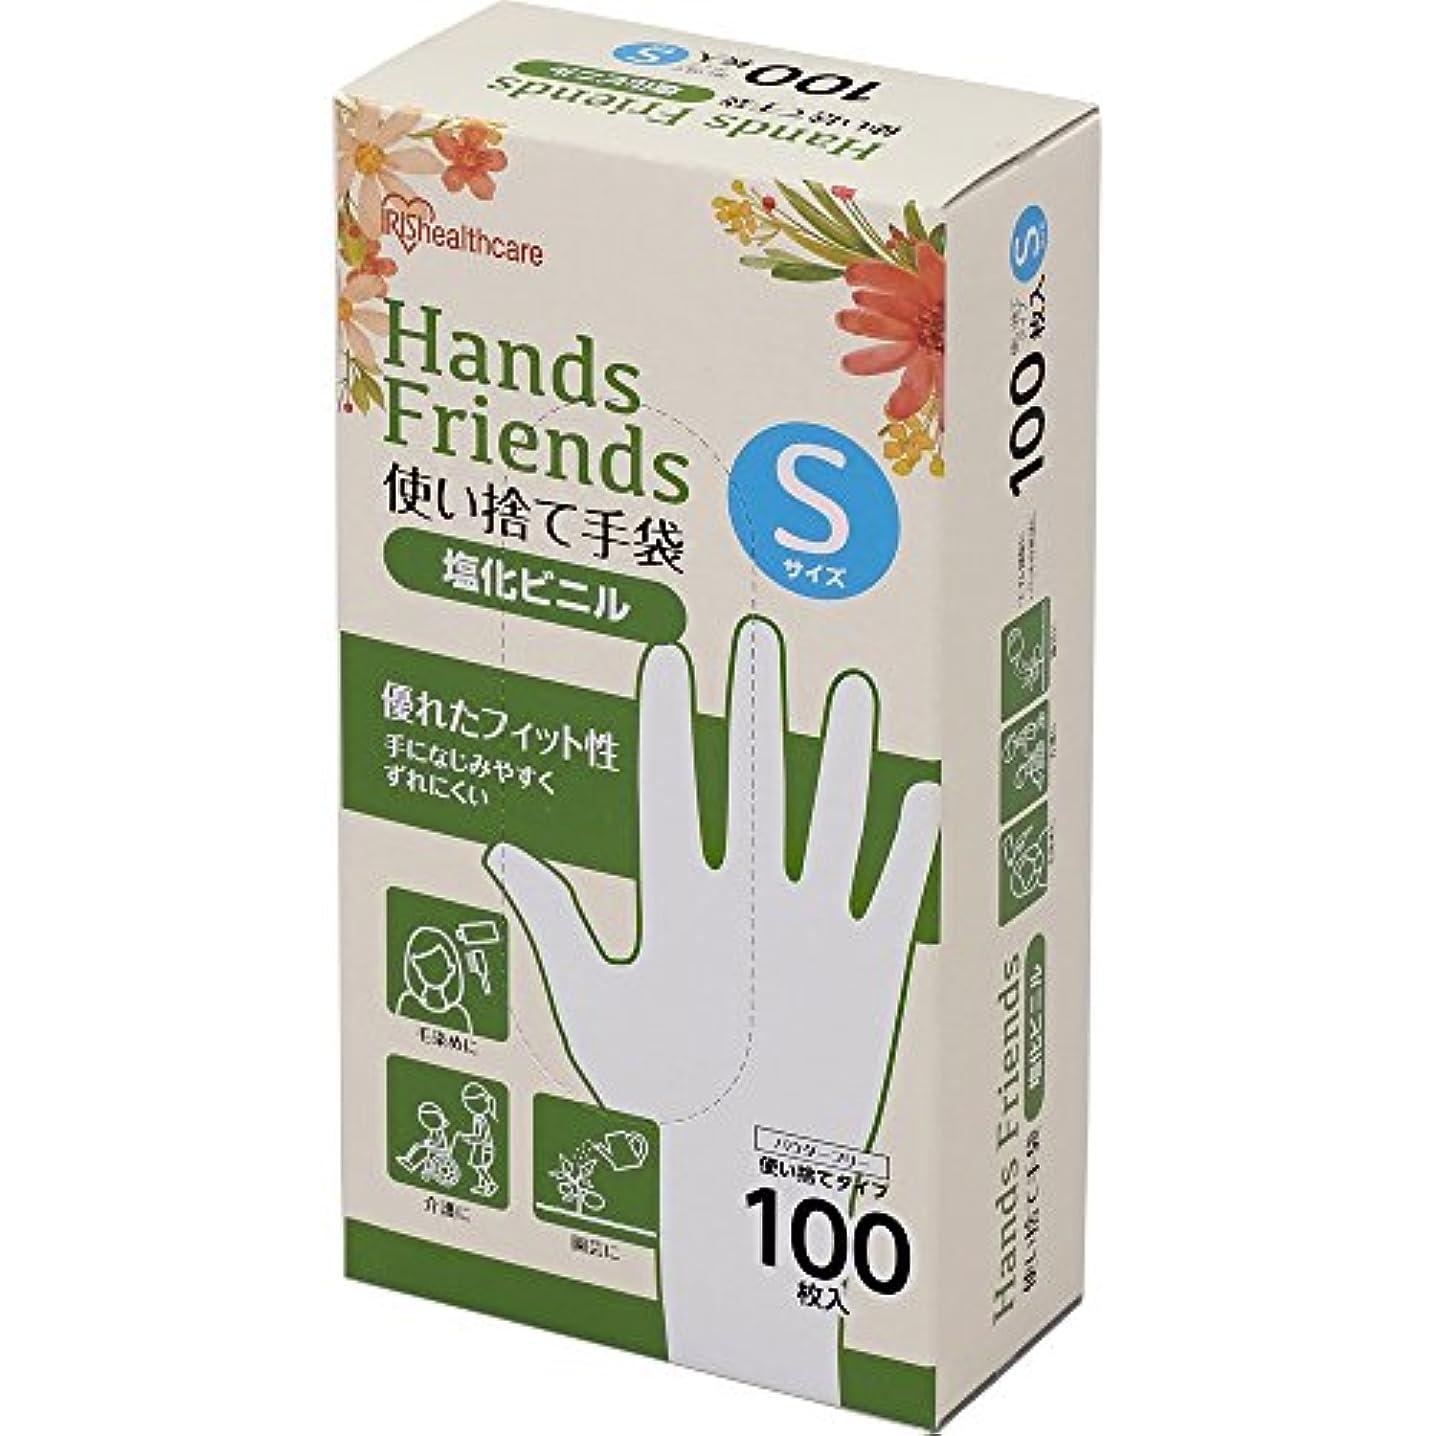 パールあなたのものセンチメンタル使い捨て手袋 クリア 塩化ビニル 100枚 Sサイズ PVC-100S